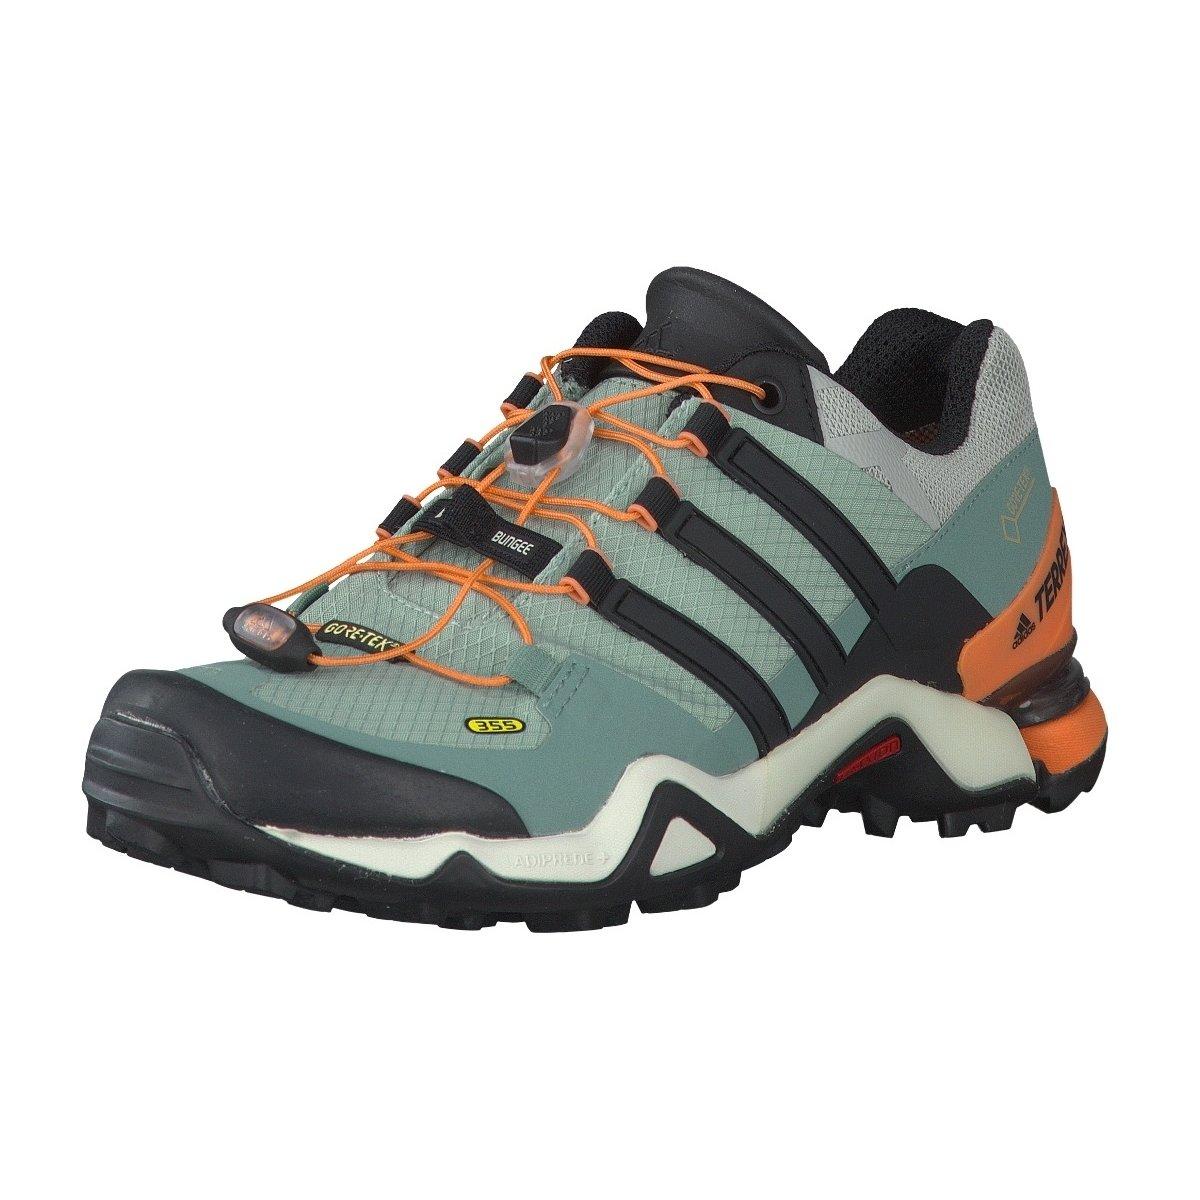 #S2K adidas Damen Sportschuhe Terrex Fast R GTX Damen Outdoorschuhe Trail